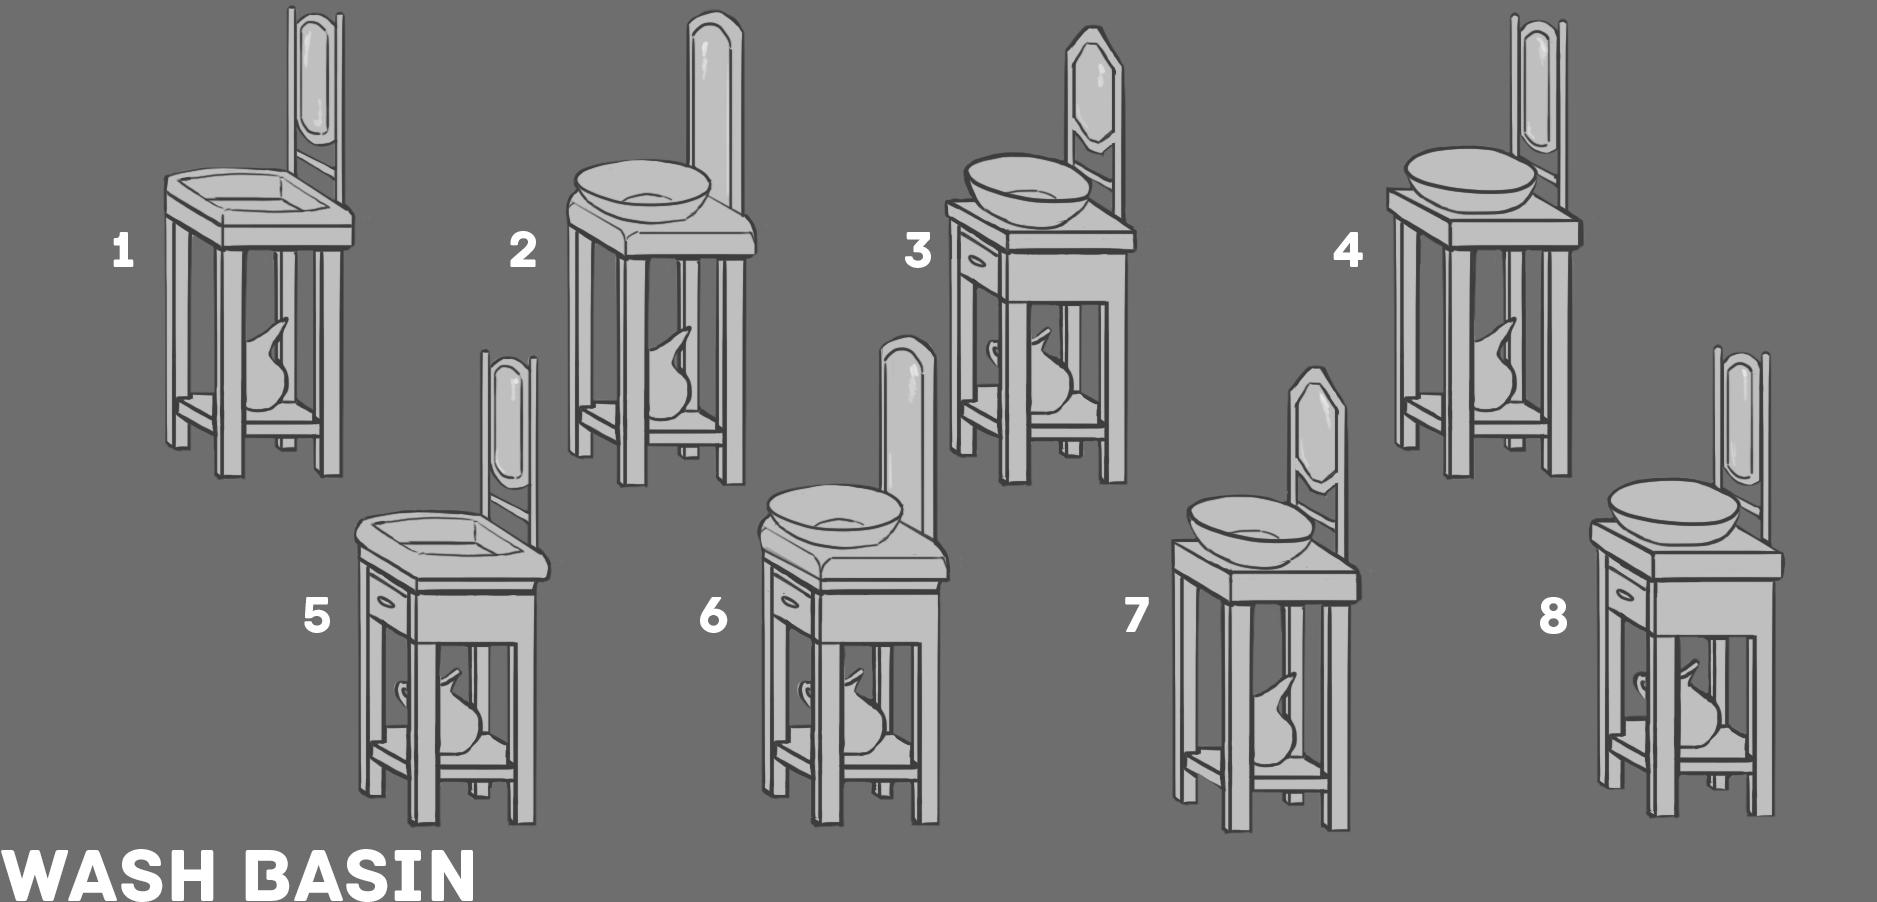 10b RD4 WashBasin Sketches